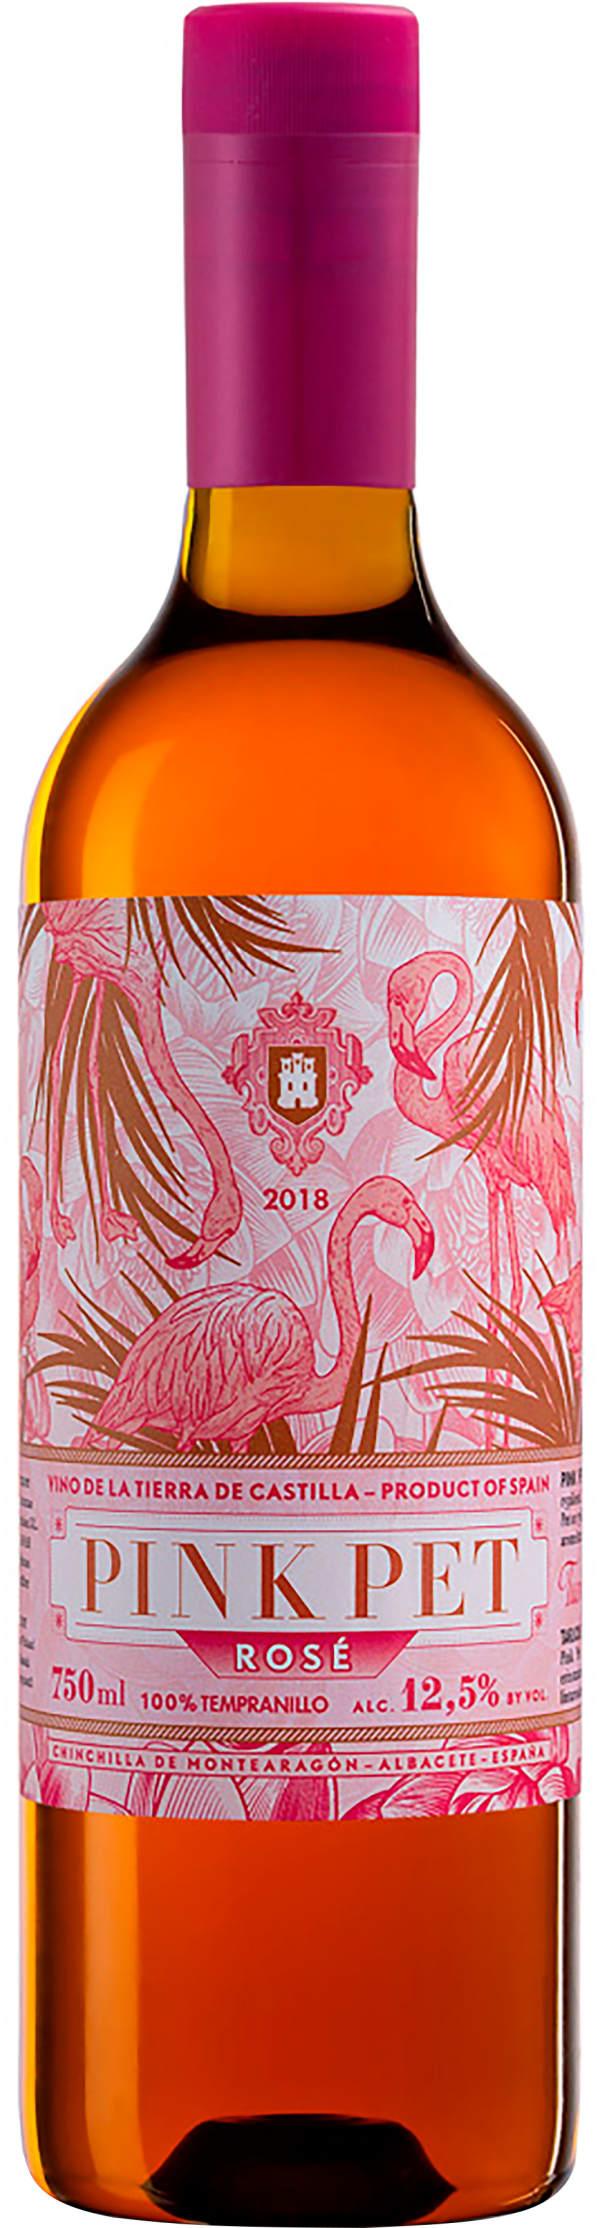 Pink Pet Rosé 2018 plastic bottle